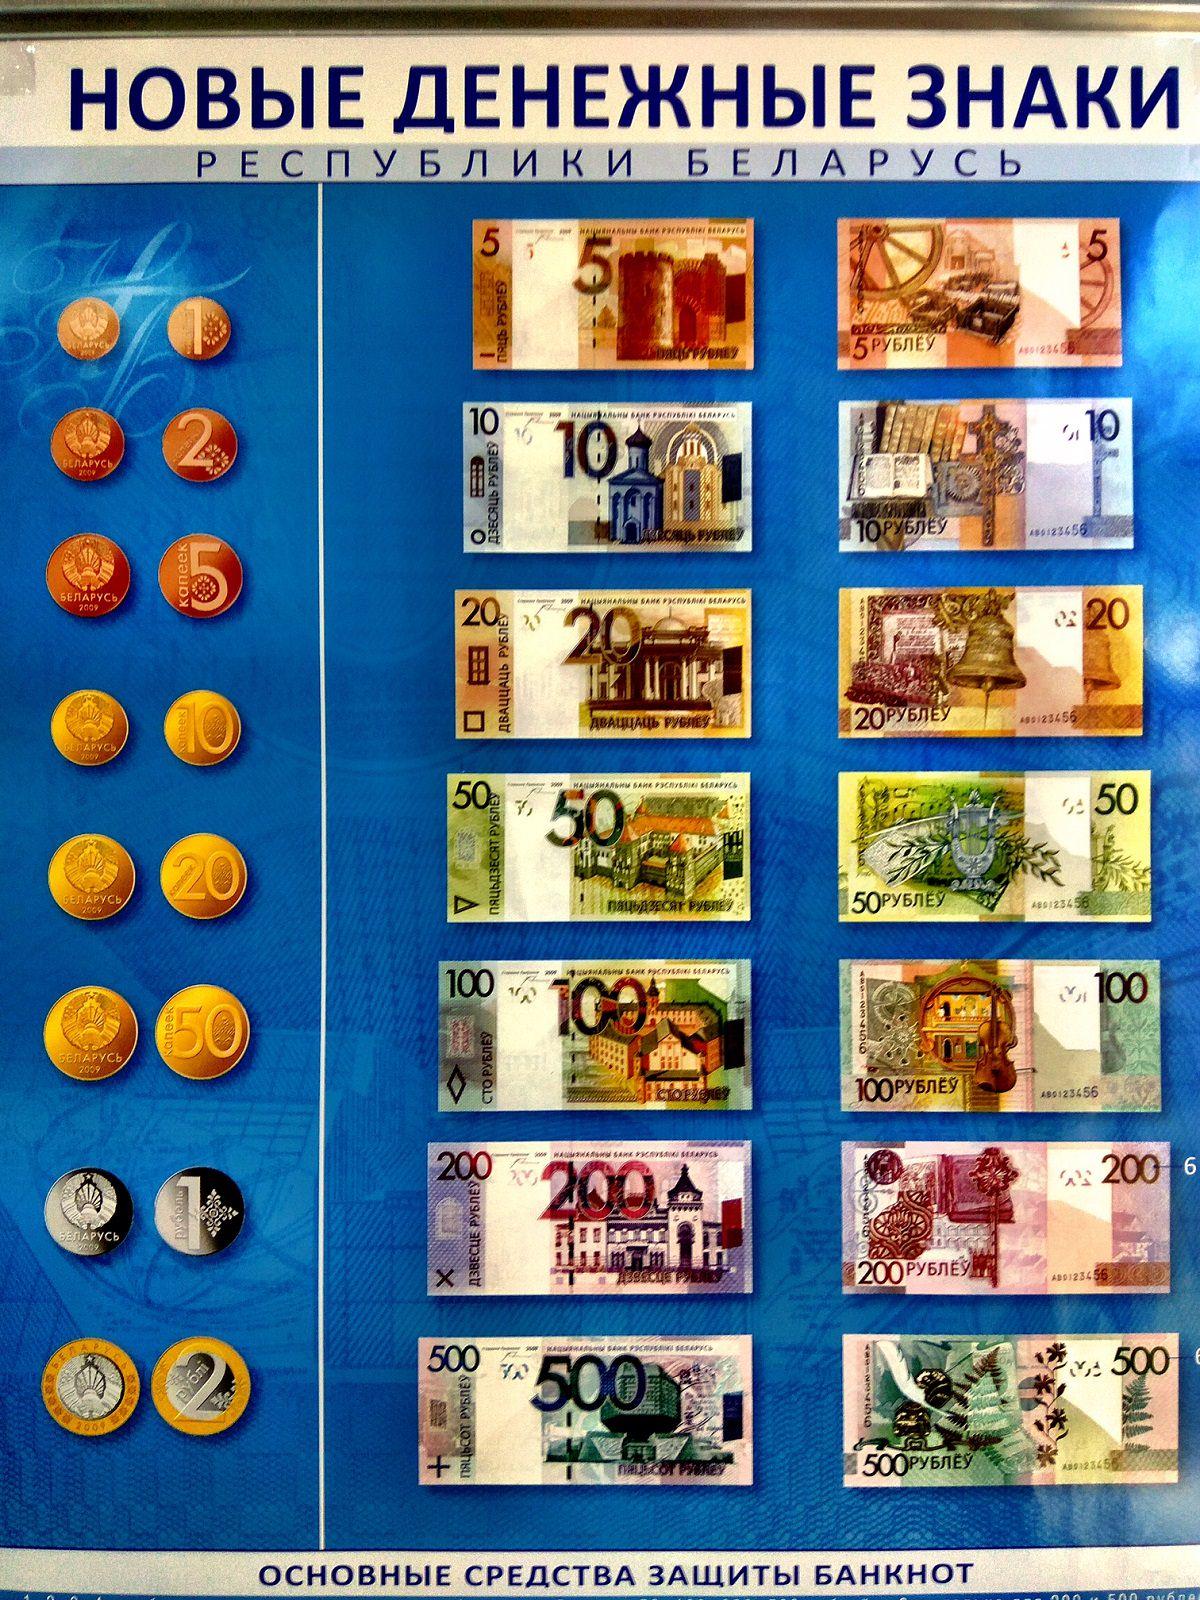 Neue Währung in Belarus Weißrussland